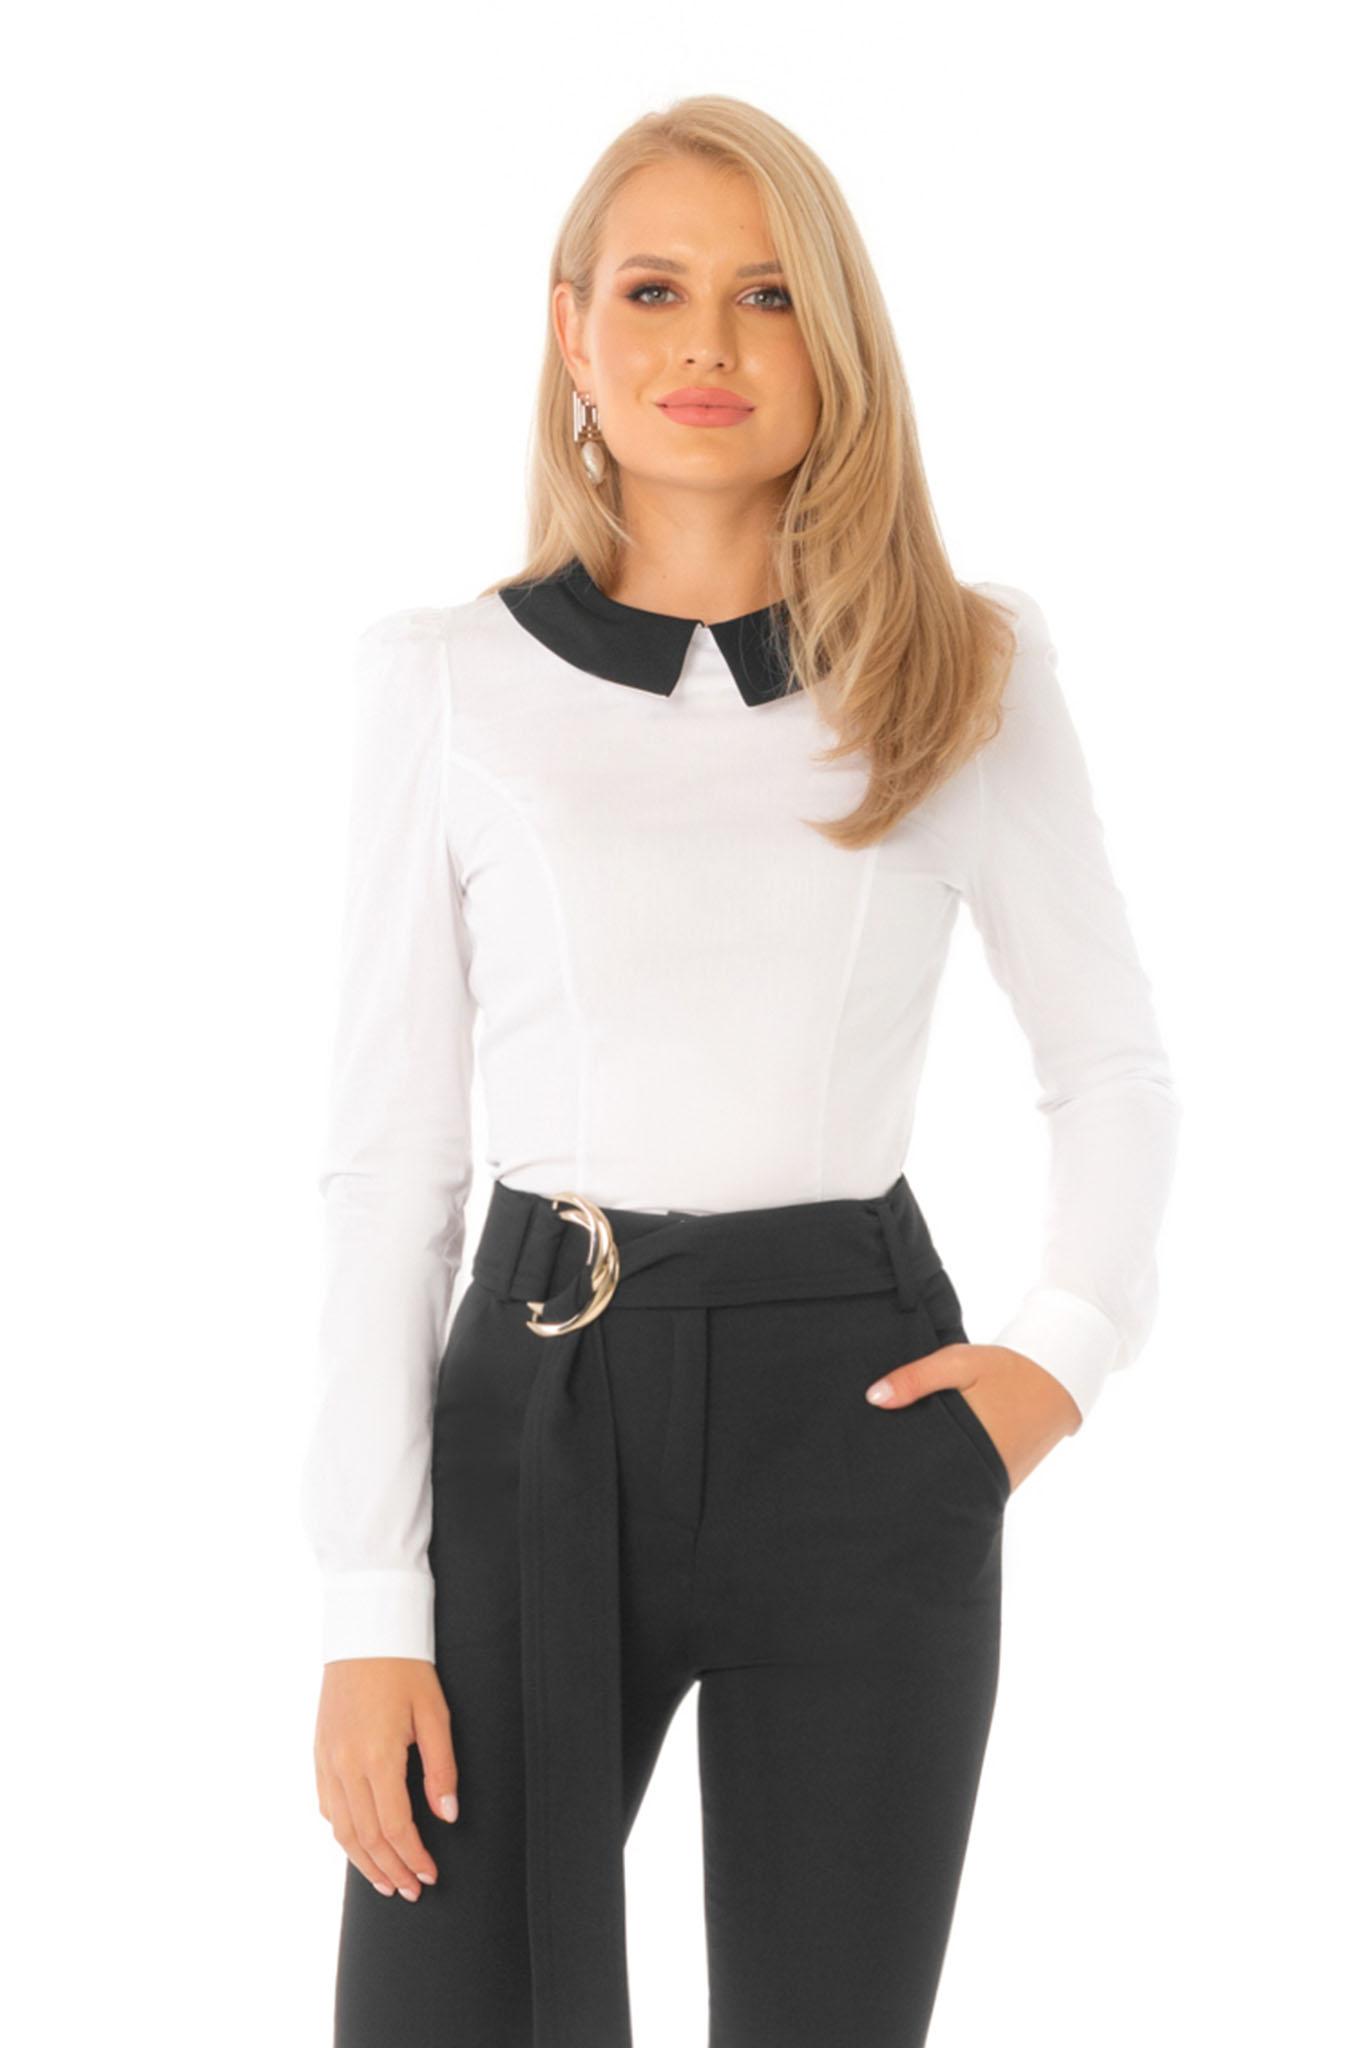 Fekete irodai szűk szabású női ing hosszú ujjakkal enyhén elasztikus pamut